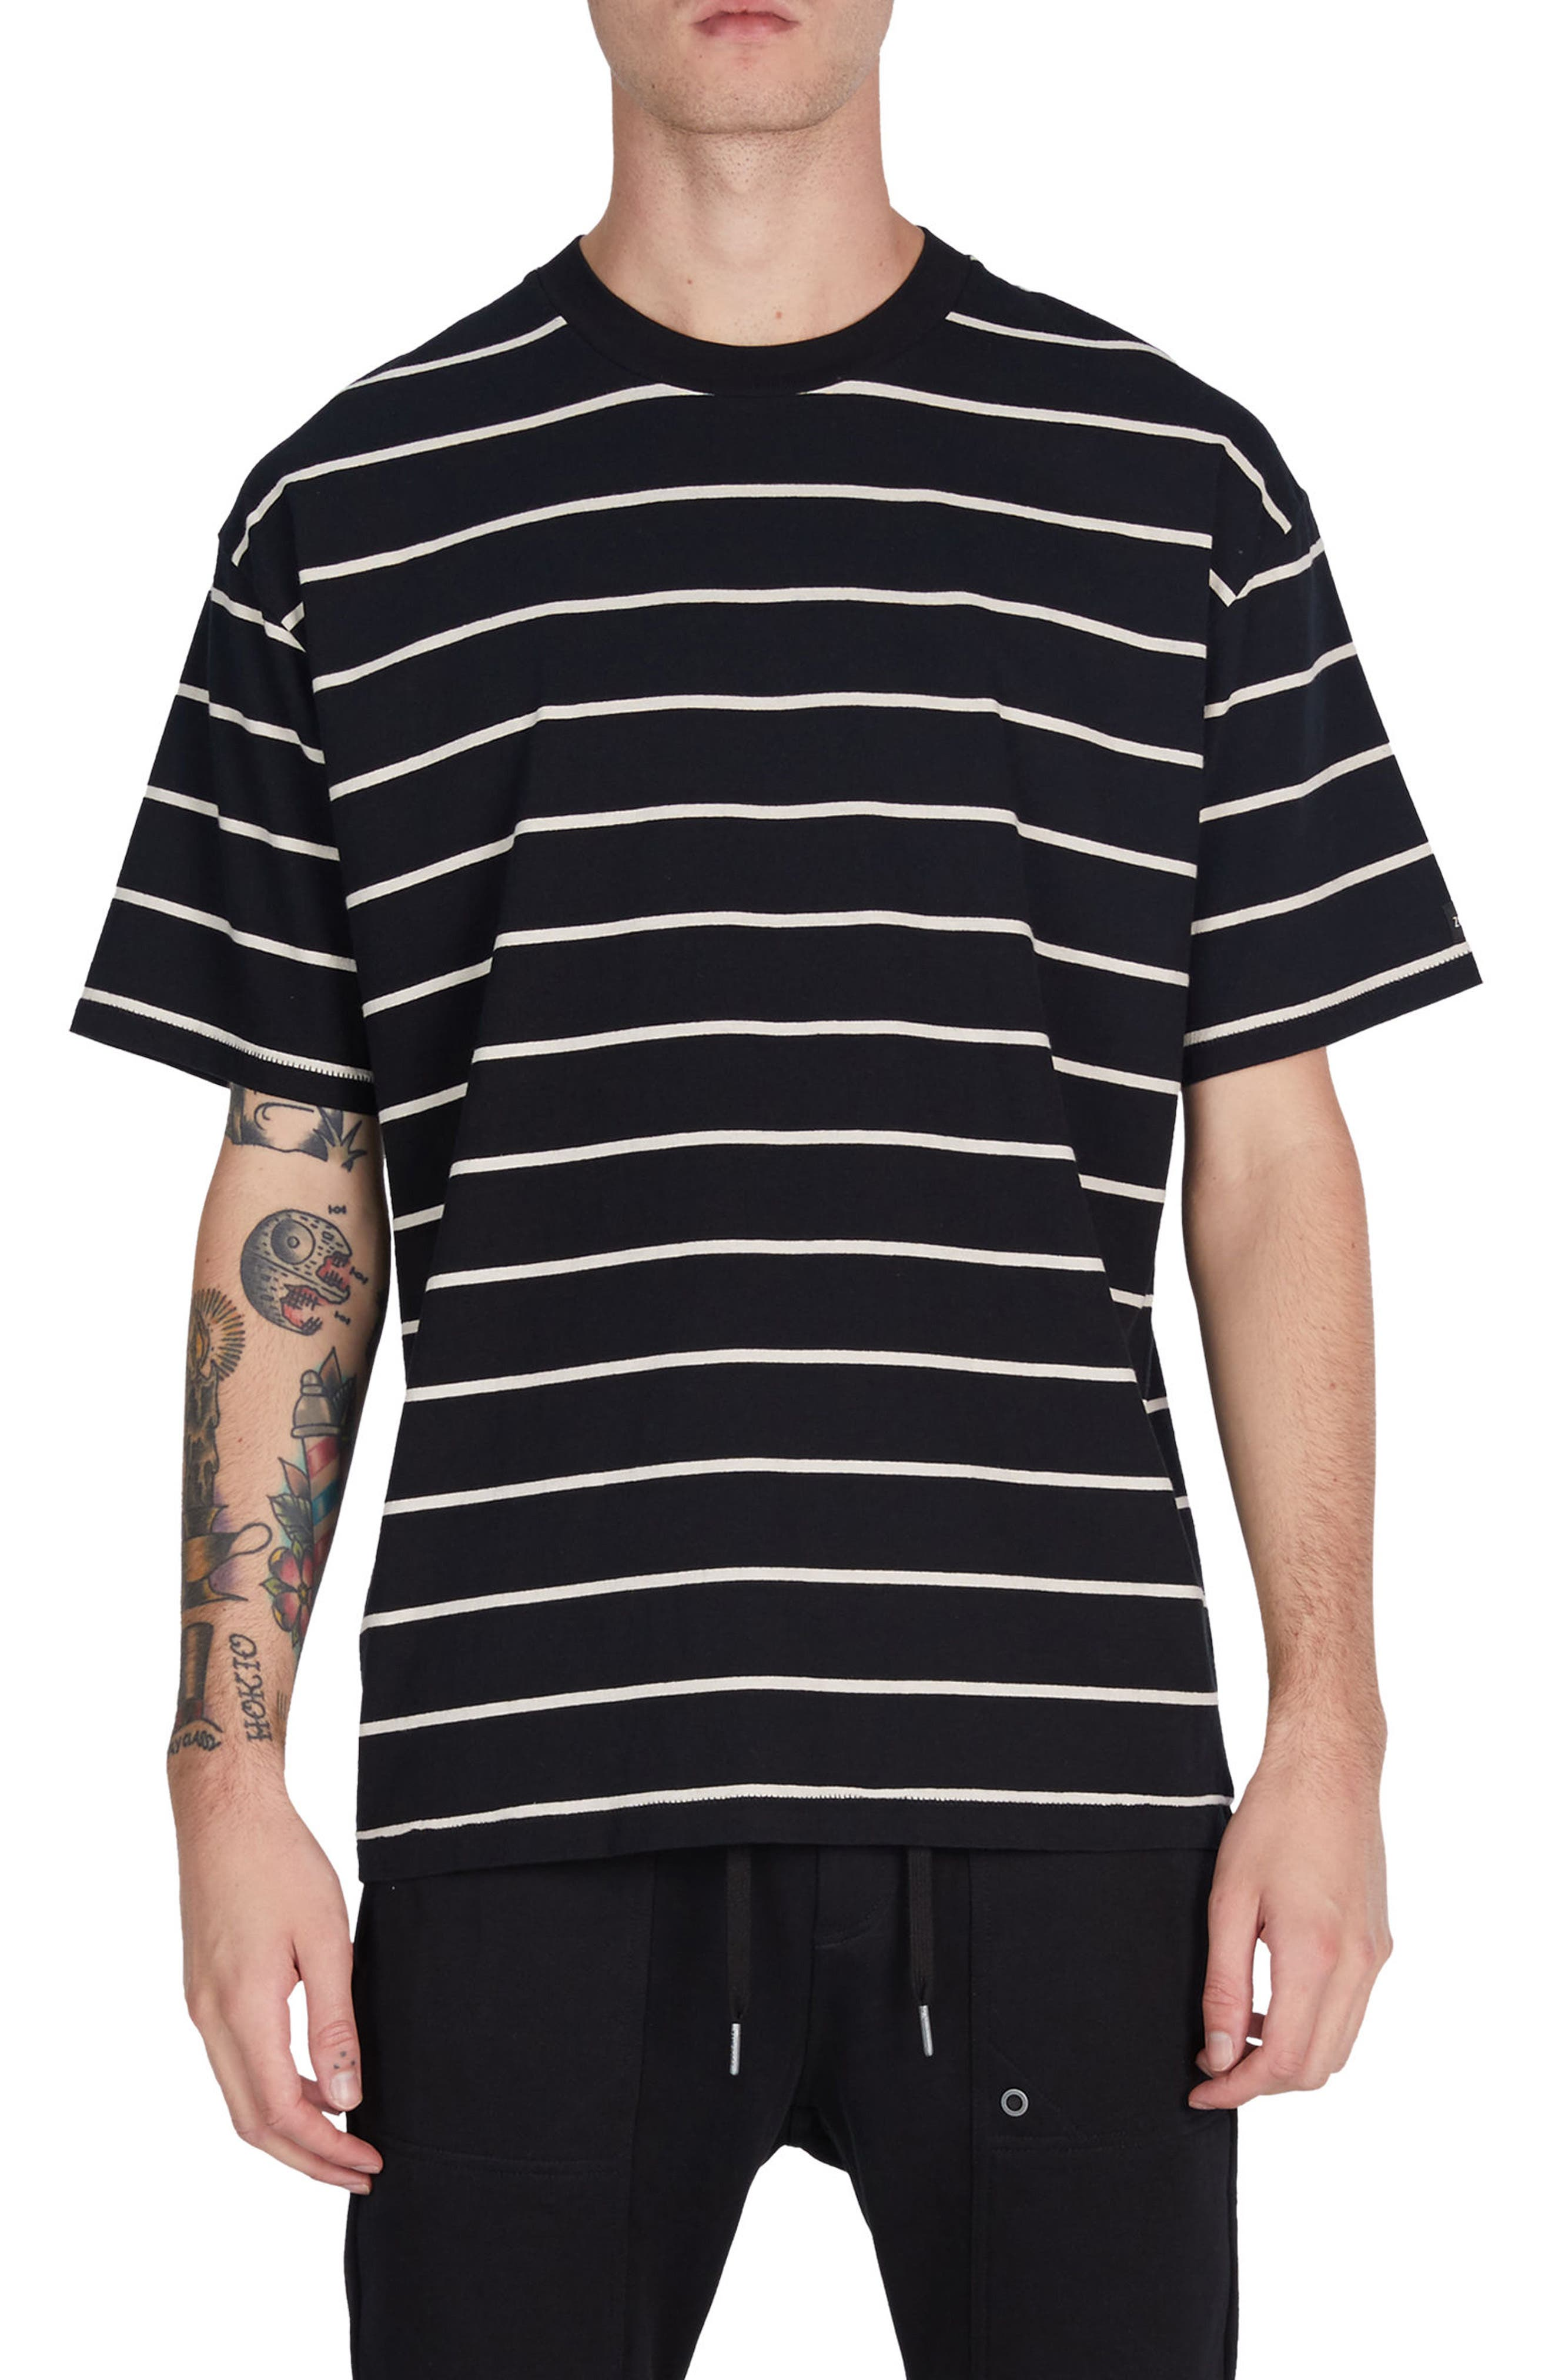 Box Stripes T-Shirt,                             Main thumbnail 1, color,                             001